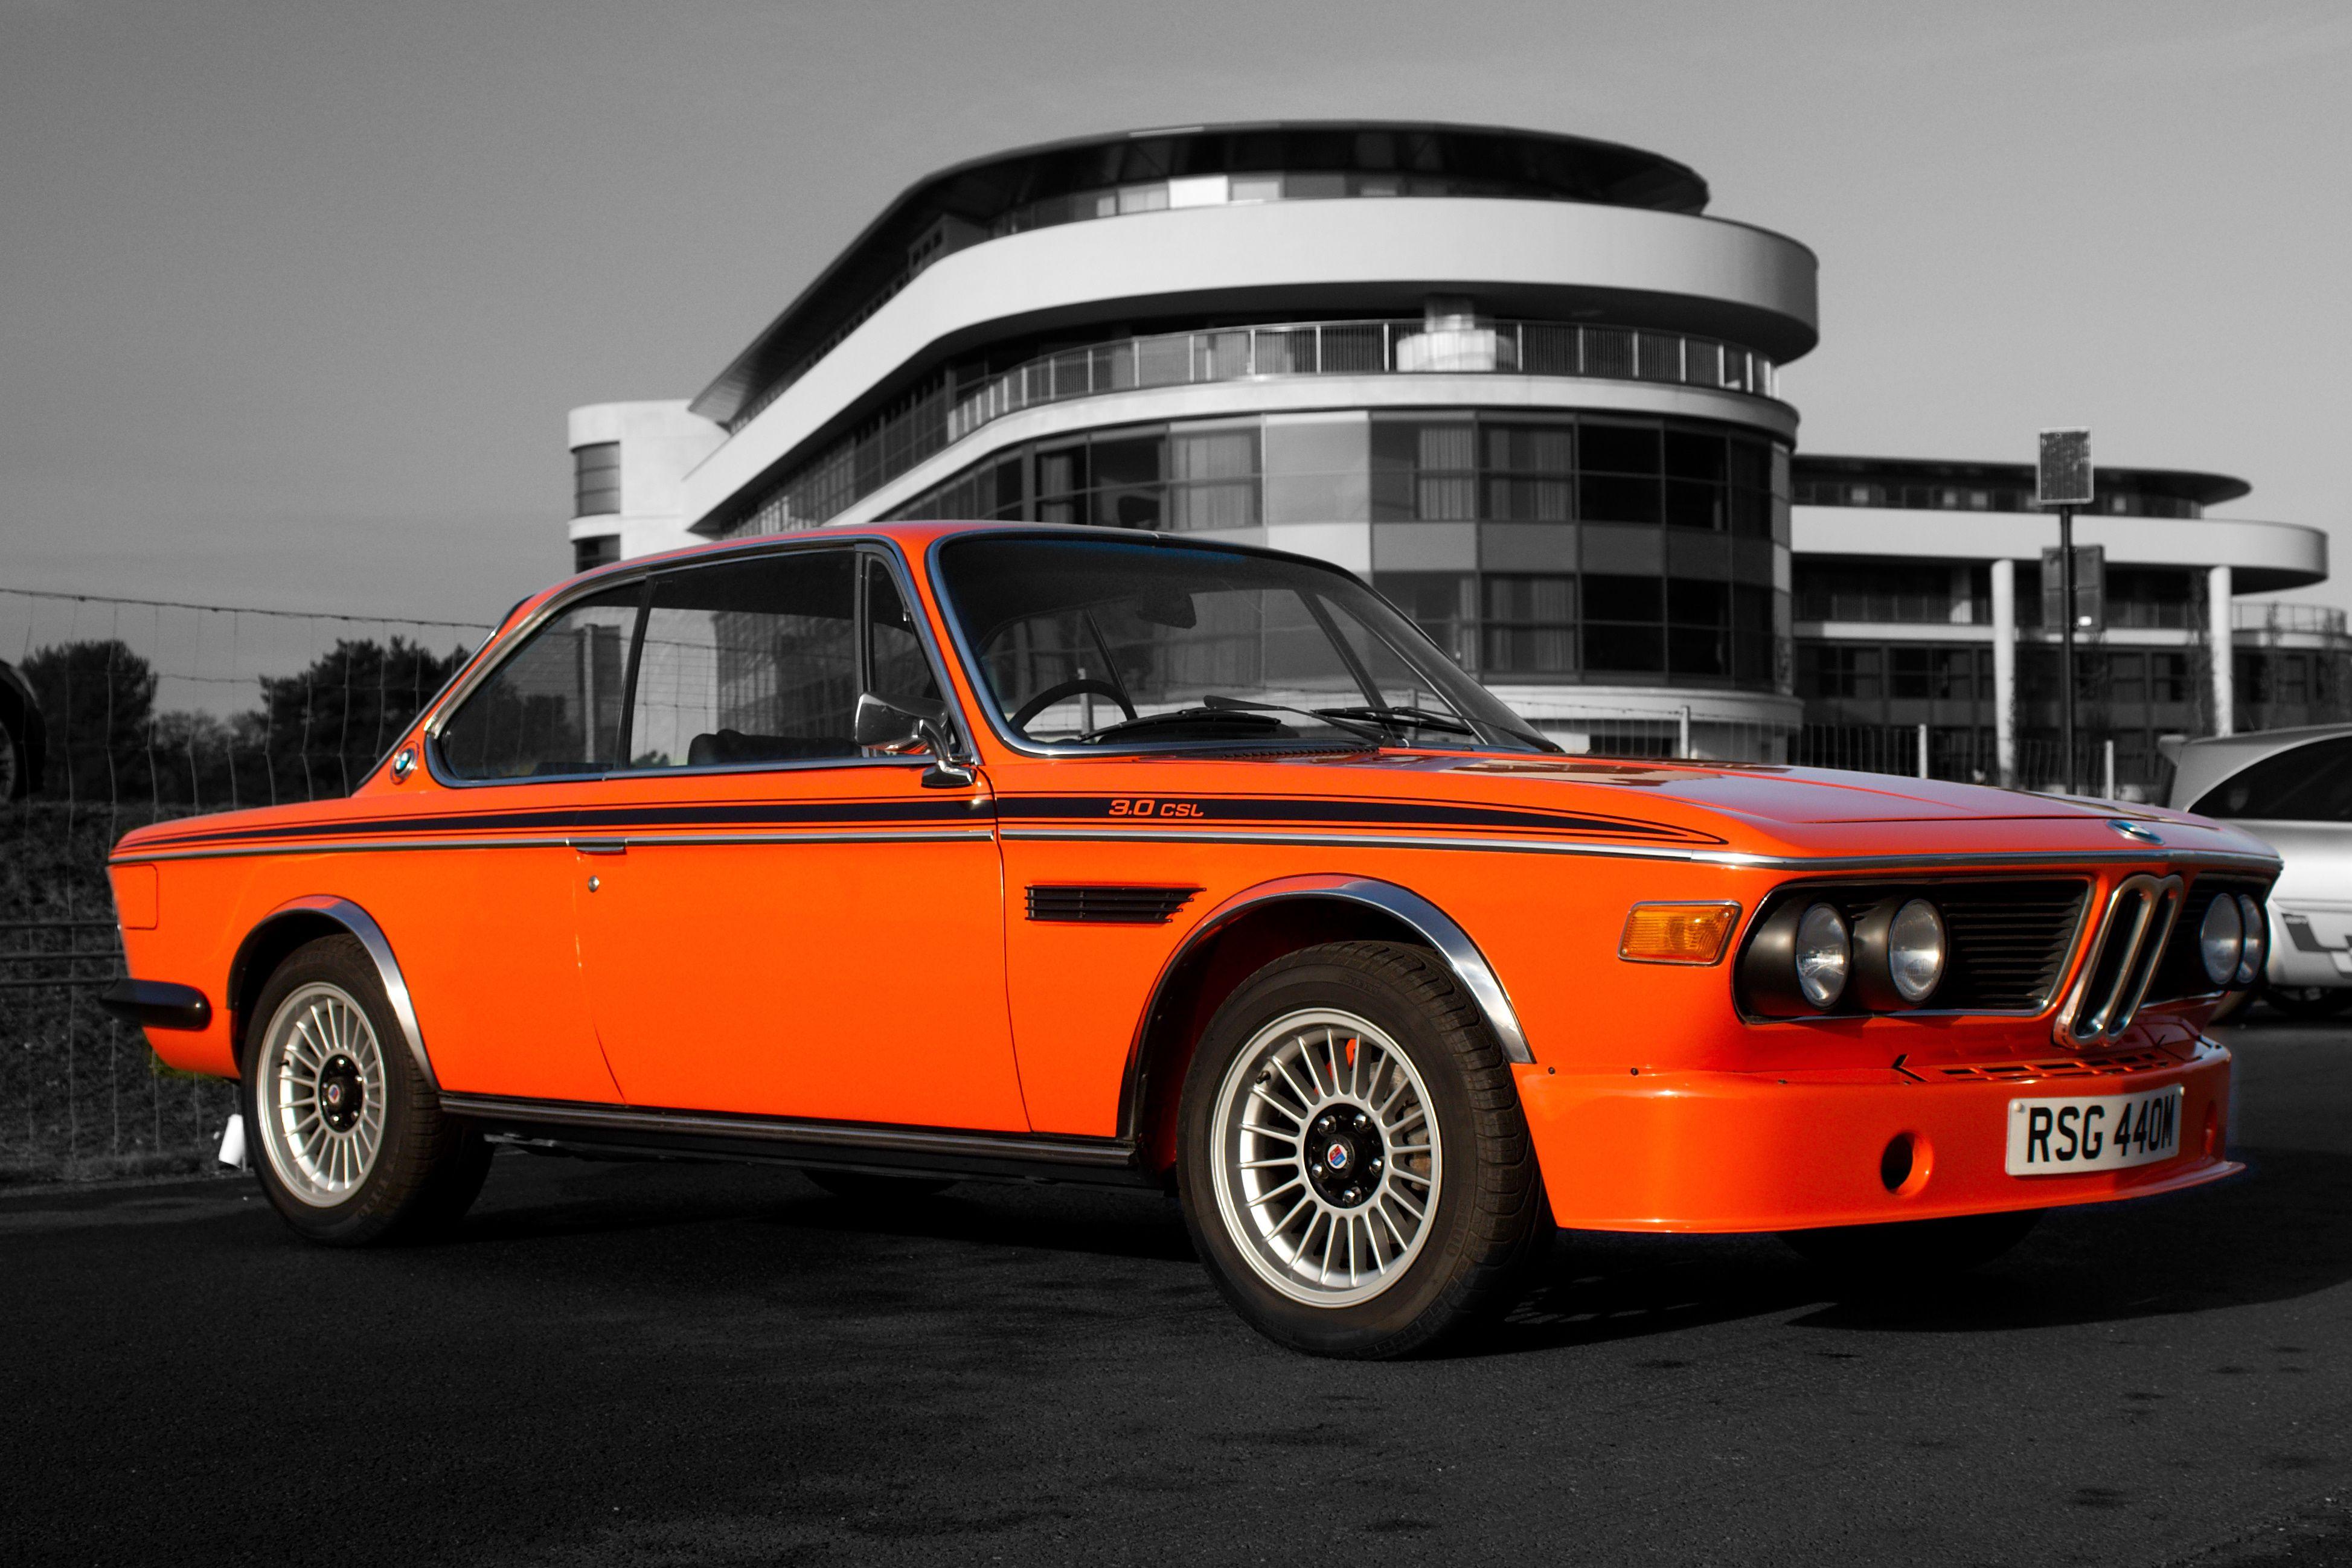 Bmw 3 0 Csl Bmw E9 Bmw Classic Cars Bmw